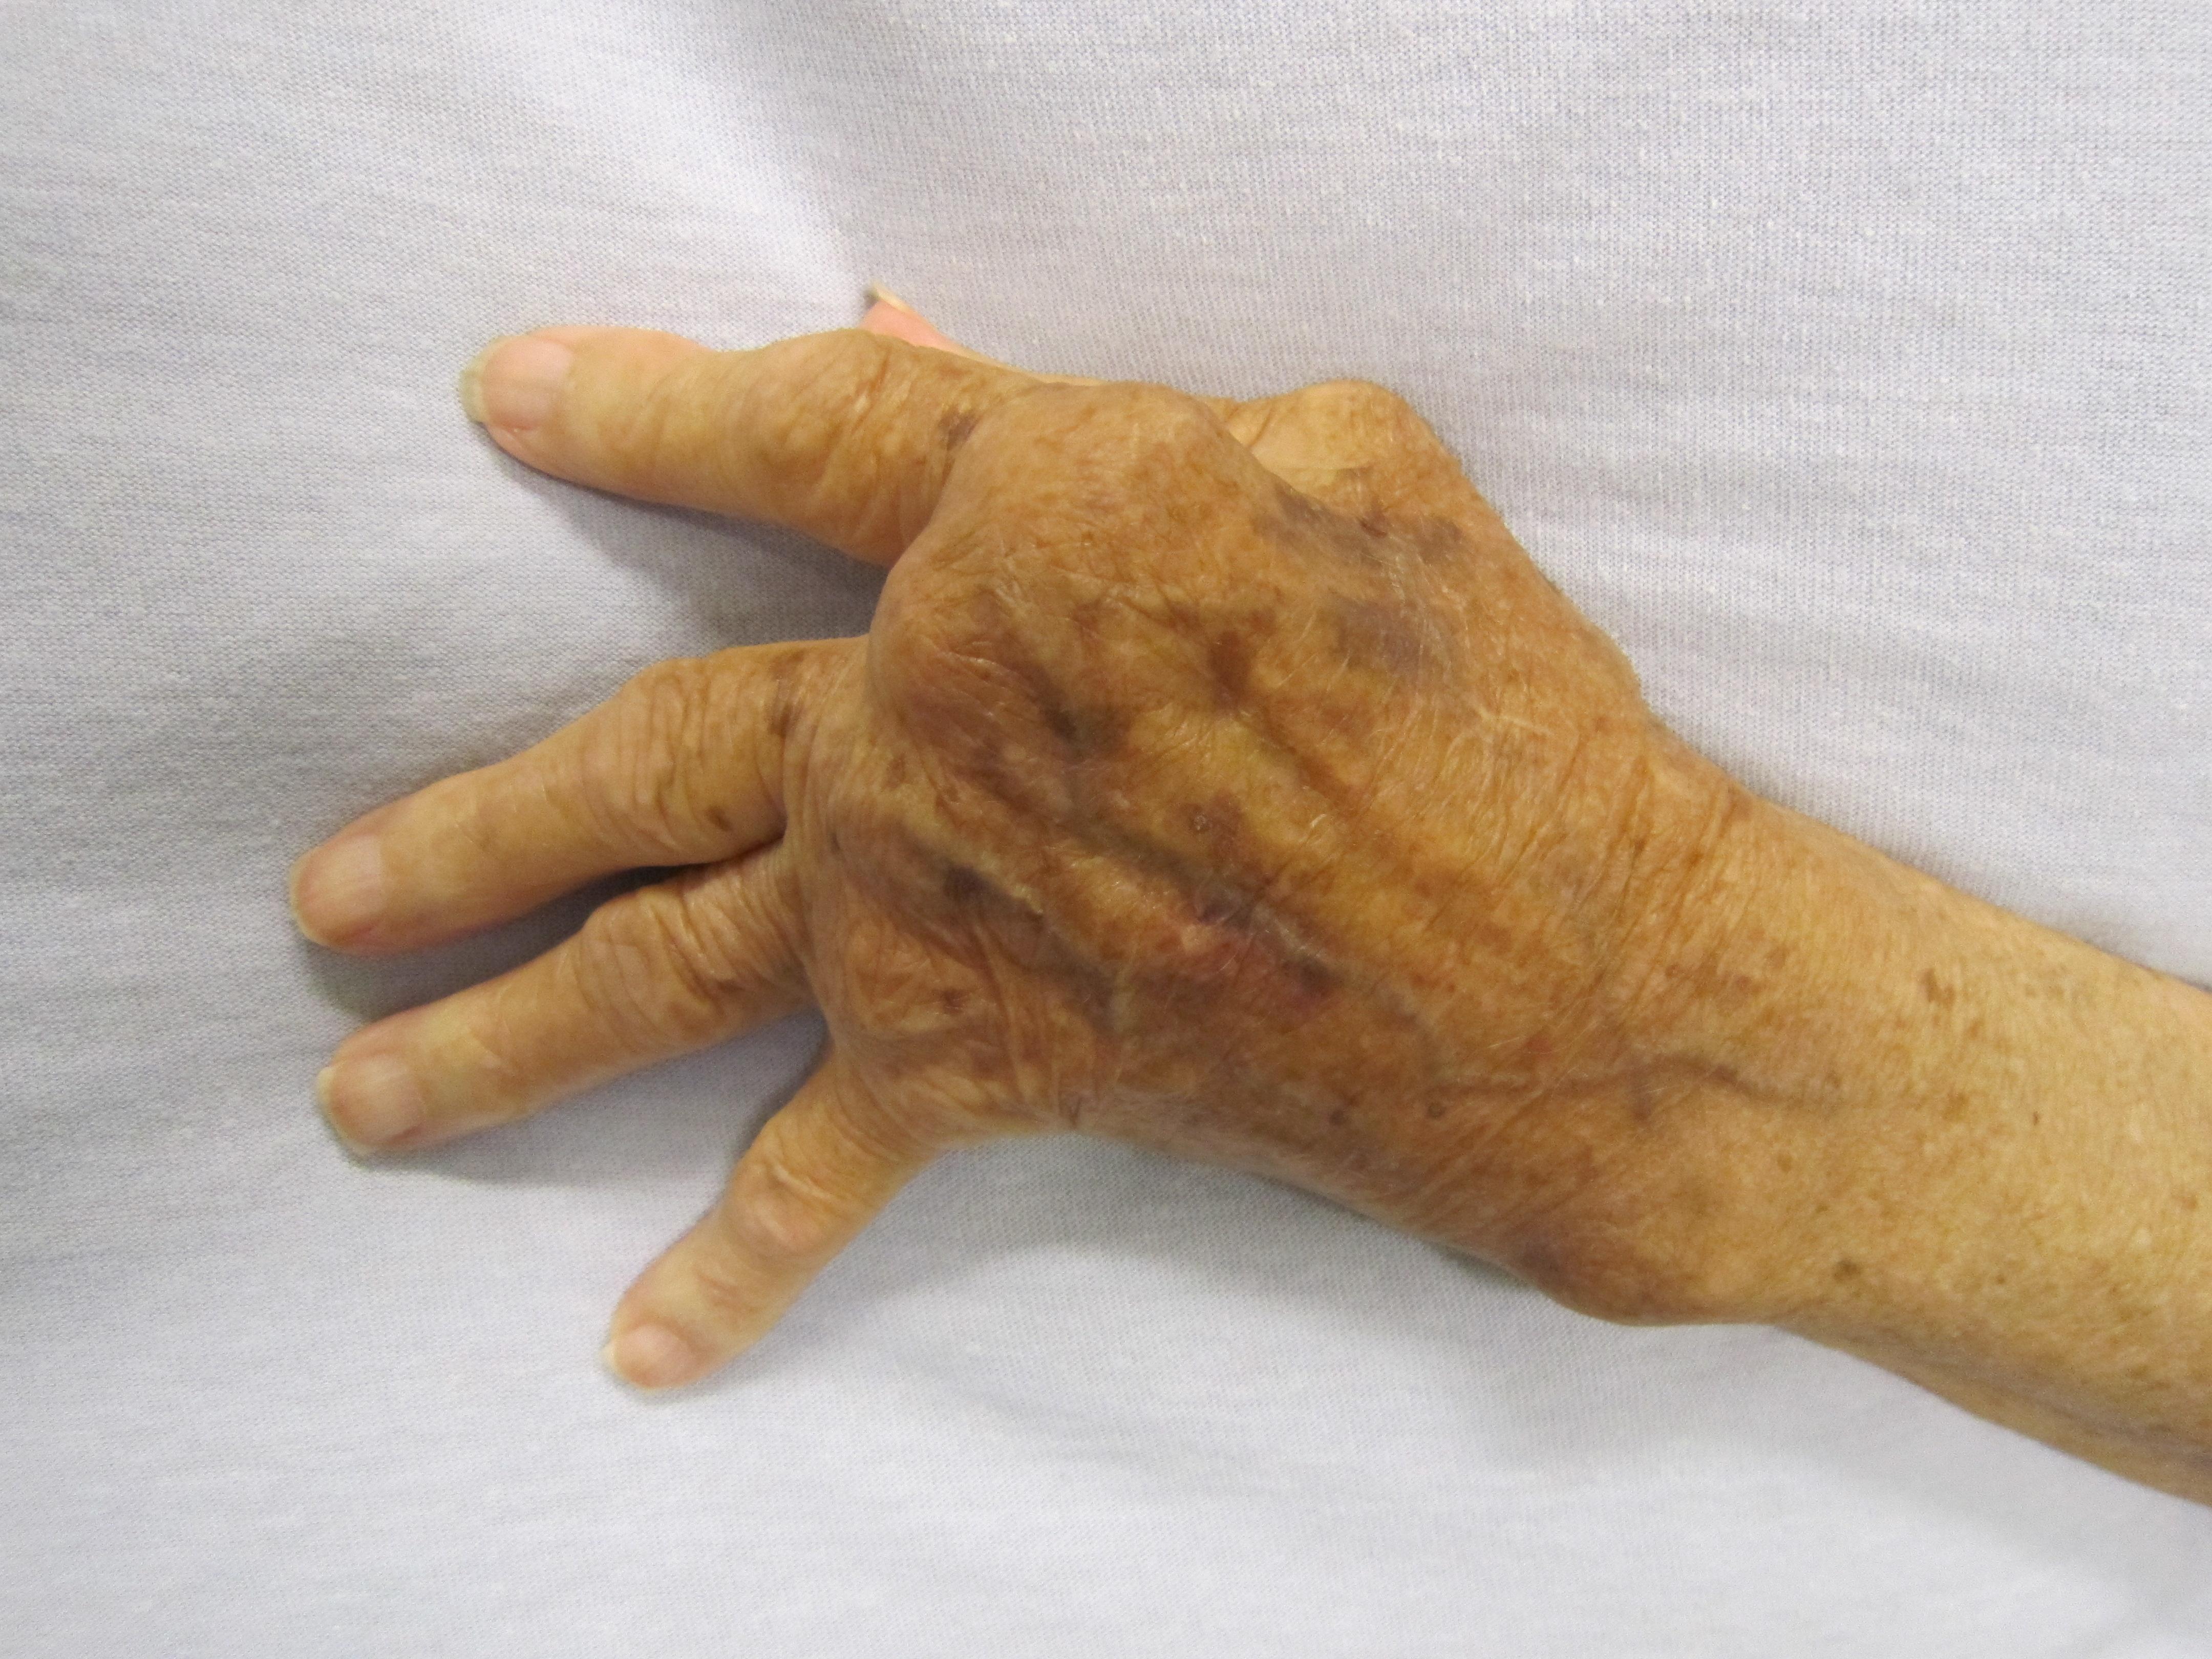 időszakos fájdalom az ujjak ízületeiben összeroppant fájdalommentes ízületek